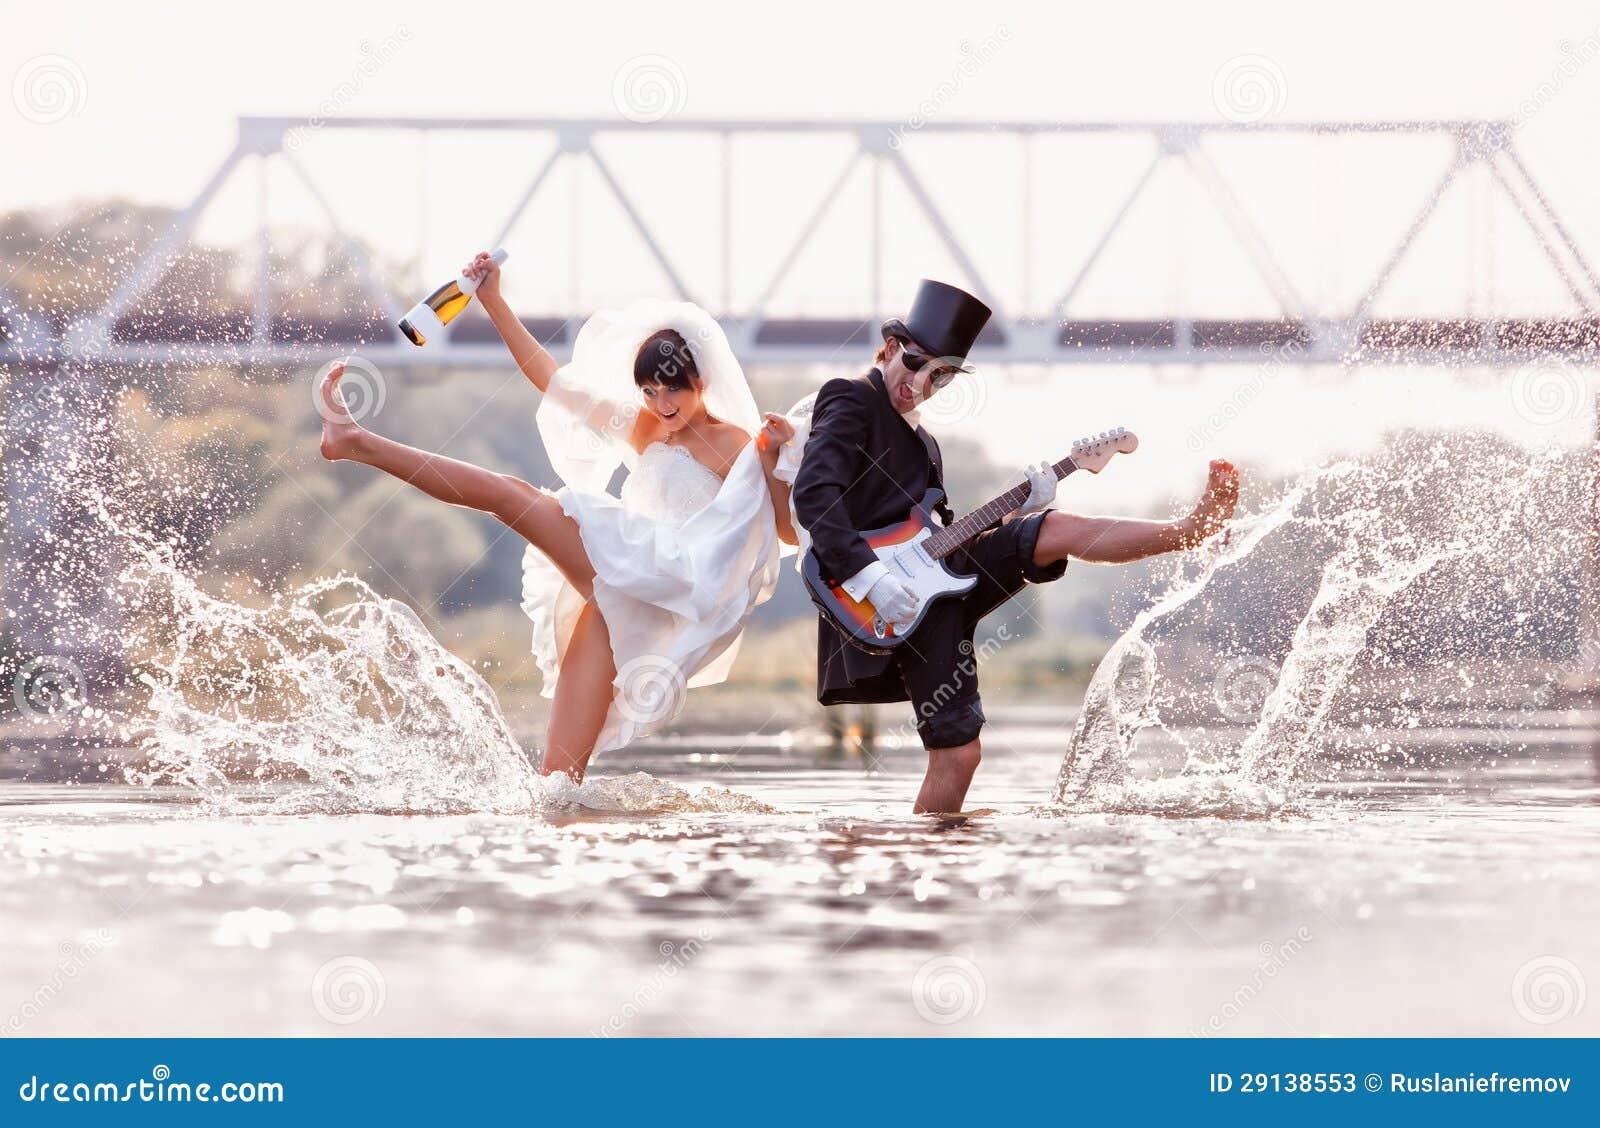 Η νύφη και ο νεόνυμφος είναι ευτυχείς στον ποταμό